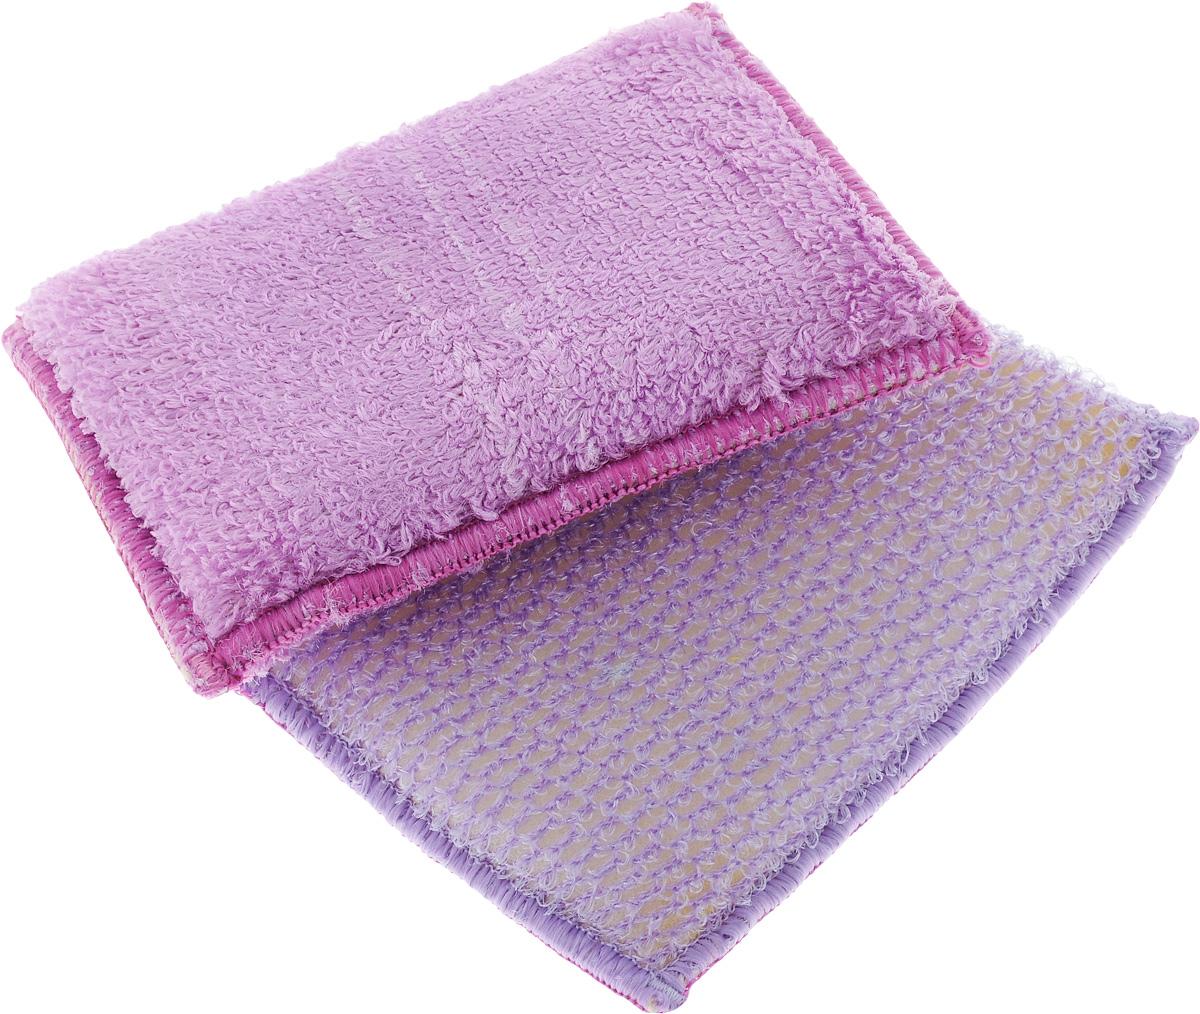 Набор губок для мытья посуды Золушка, цвет: сиреневый, 10 х 14 х 2 см, 2 шт787502Губками из бамбукового волокна можно не только мыть посуду, но и использоватьих для уборки. Одна губка с одной стороны имеет жесткую структуру для чисткисильнозагрязненных поверхностей, с другой - более мягкую. Вторая губкаполностью мягкая. Для мытья посуды можно использовать только чистую воду, без добавлениямоющих средств.В упаковке 2 губки.